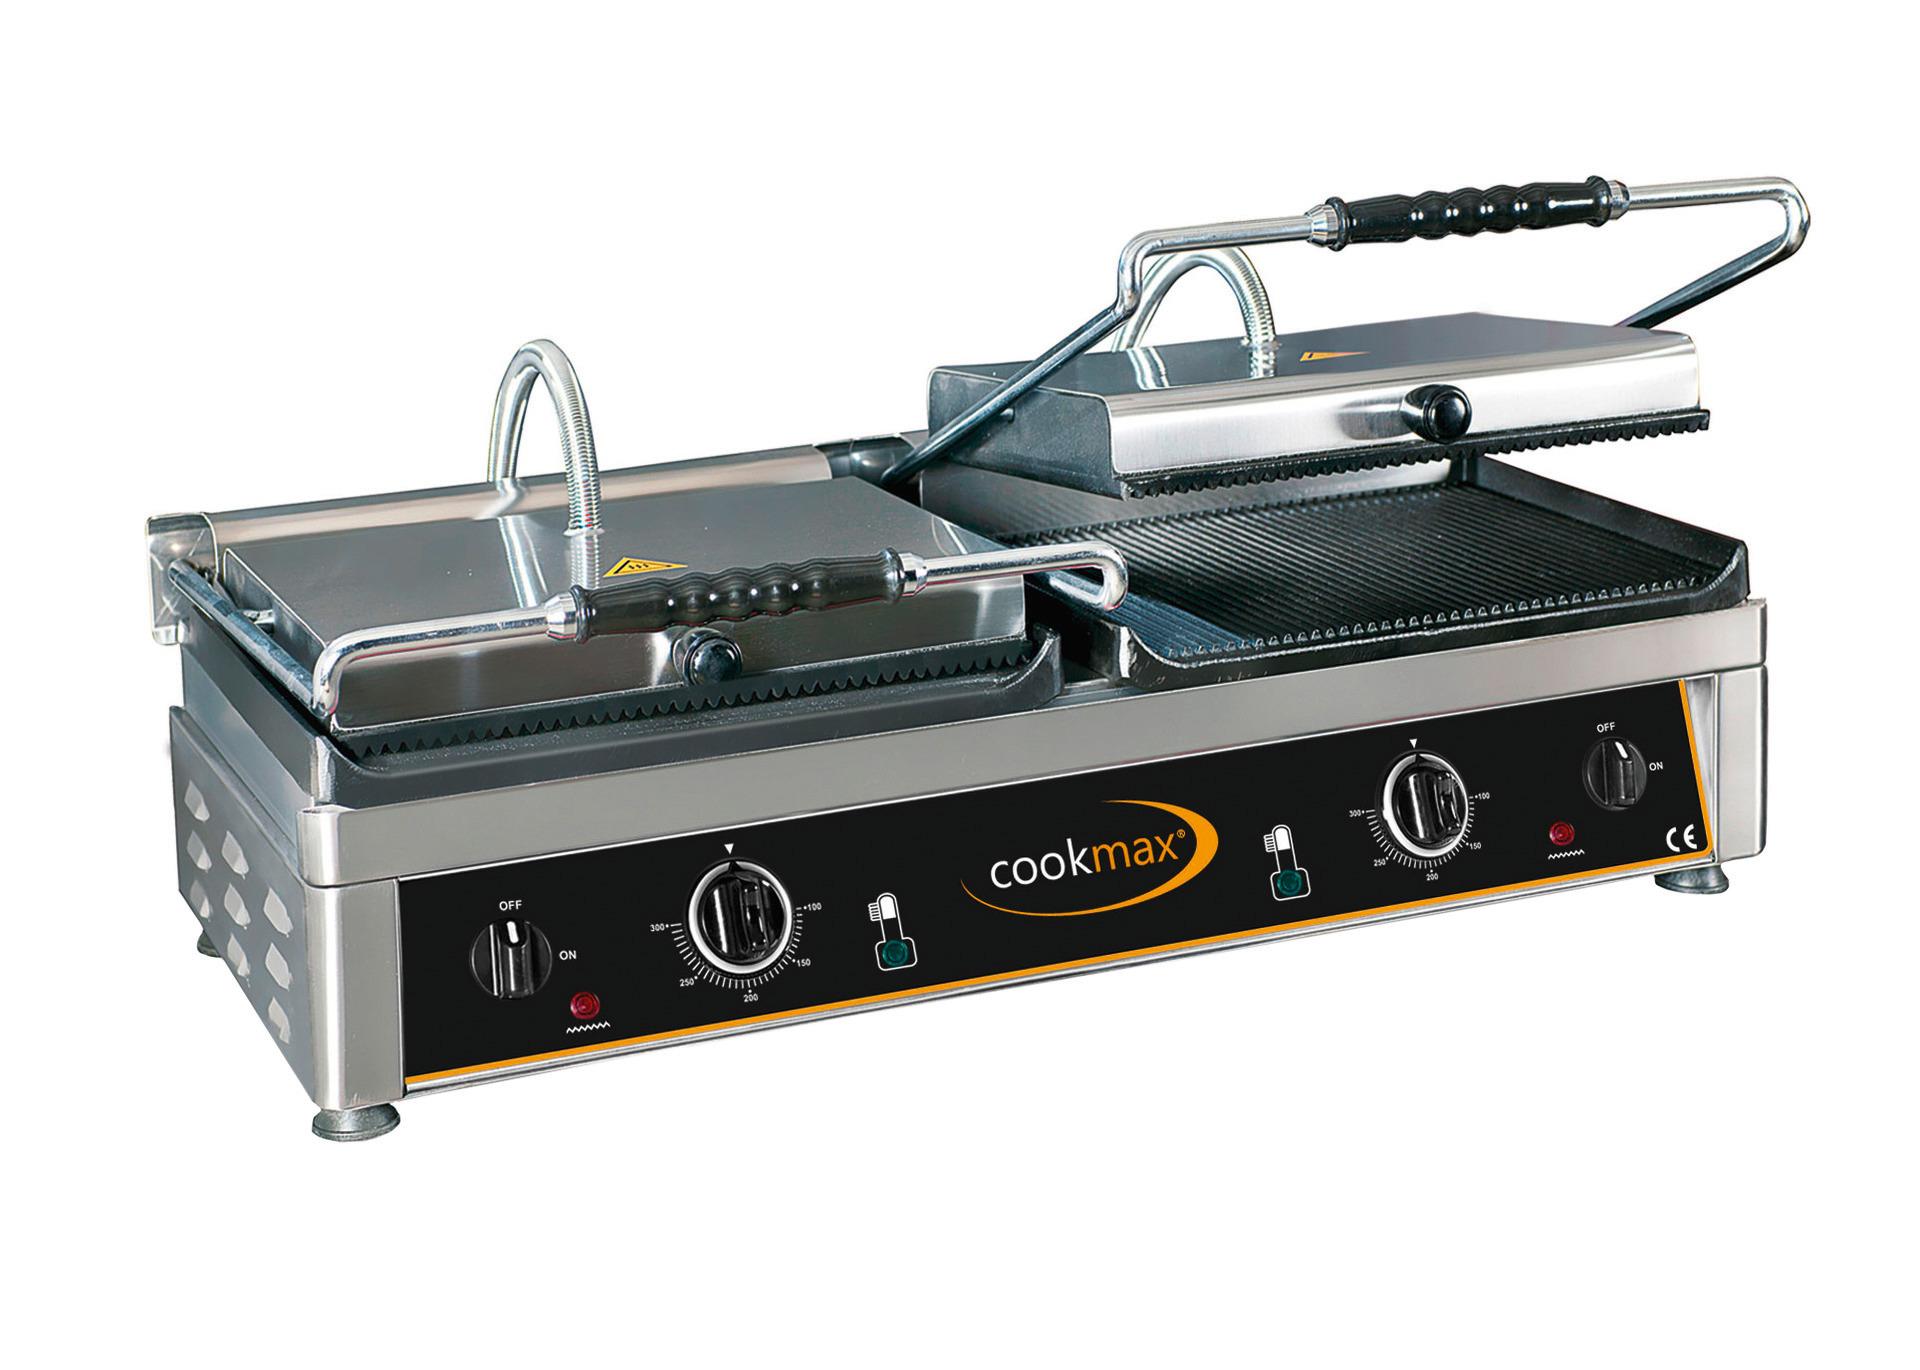 Elektro-Kontaktgrill oben gerillt, unten ½ glatt + ½ gerillt 820 x 500 x 300 mm